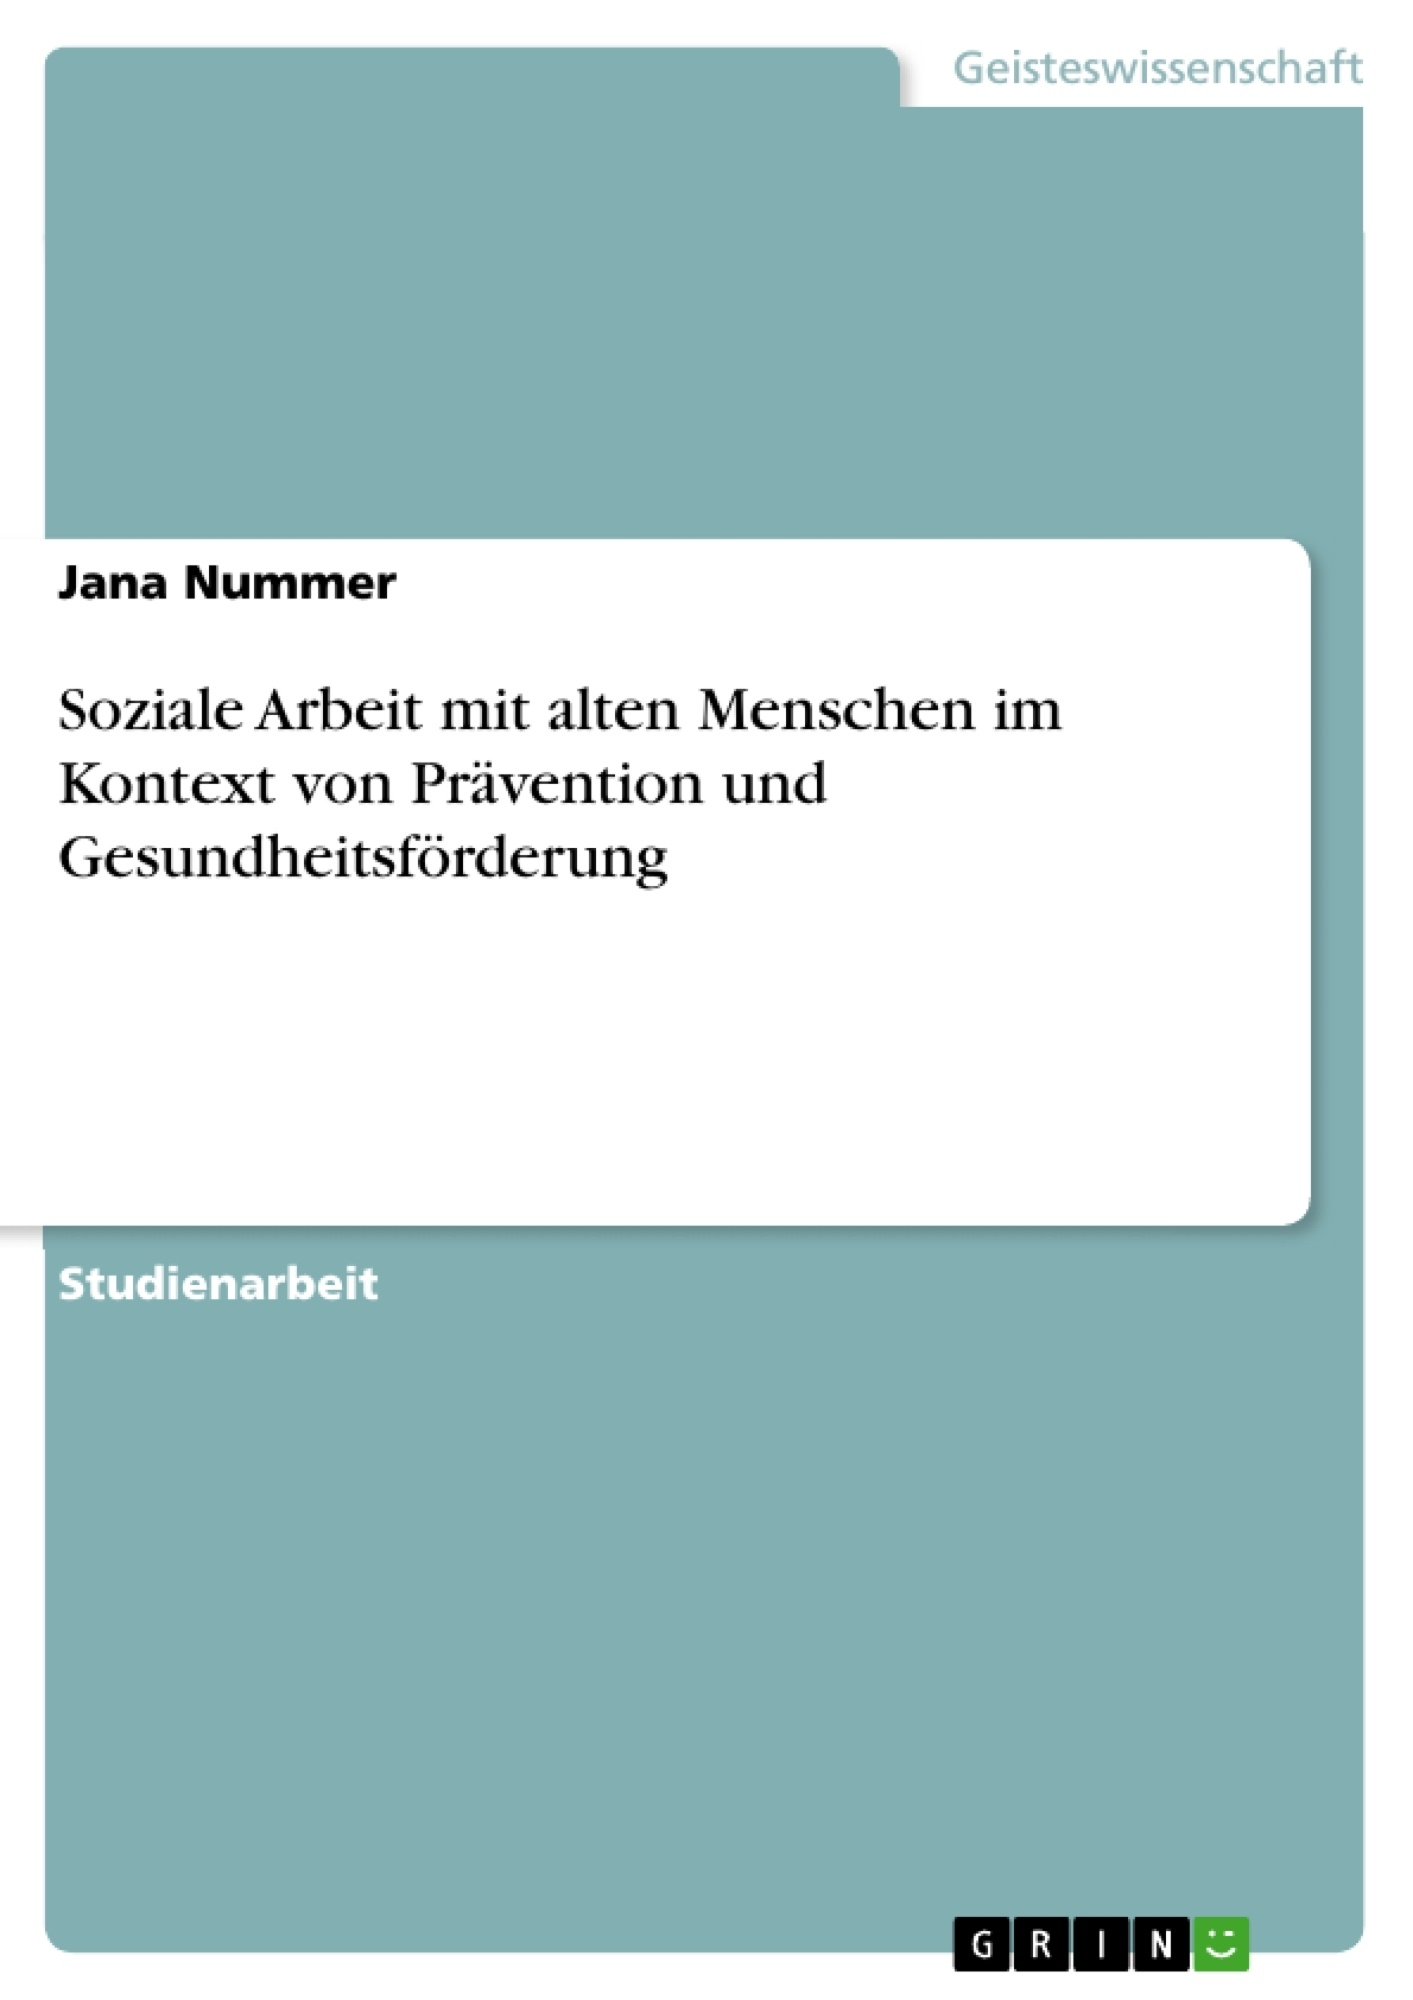 Titel: Soziale Arbeit mit alten Menschen im Kontext von Prävention und Gesundheitsförderung